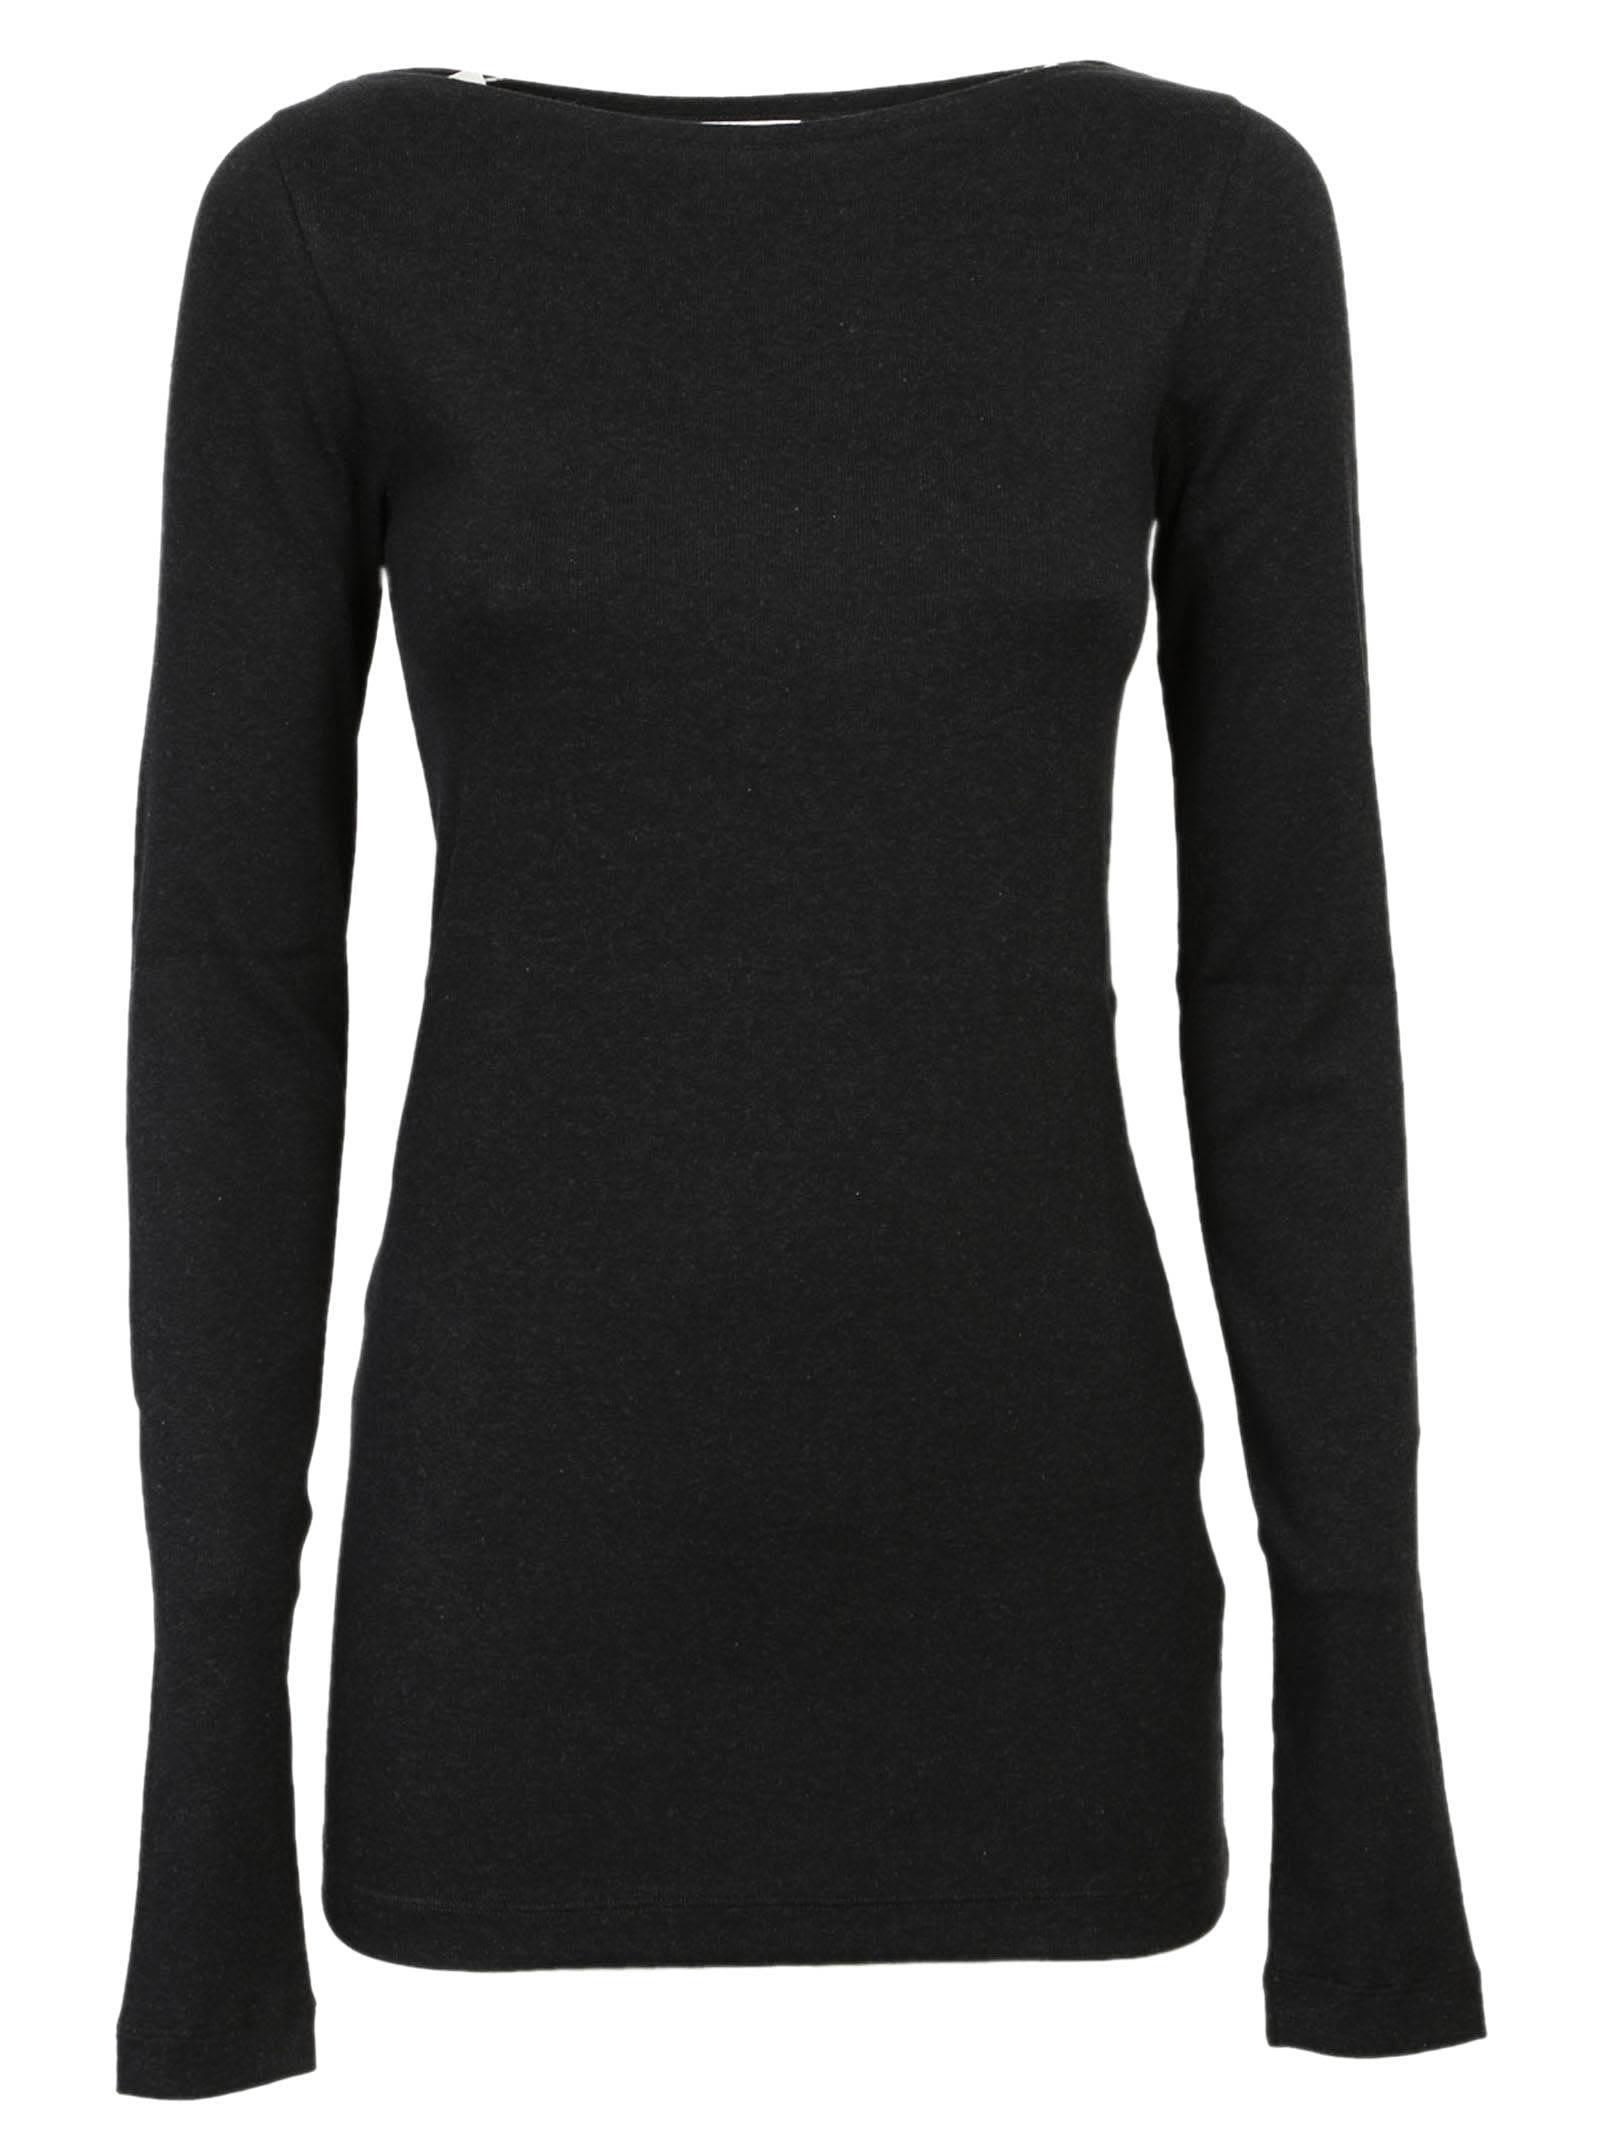 Brunello Cucinelli Long Sleeved T-shirt